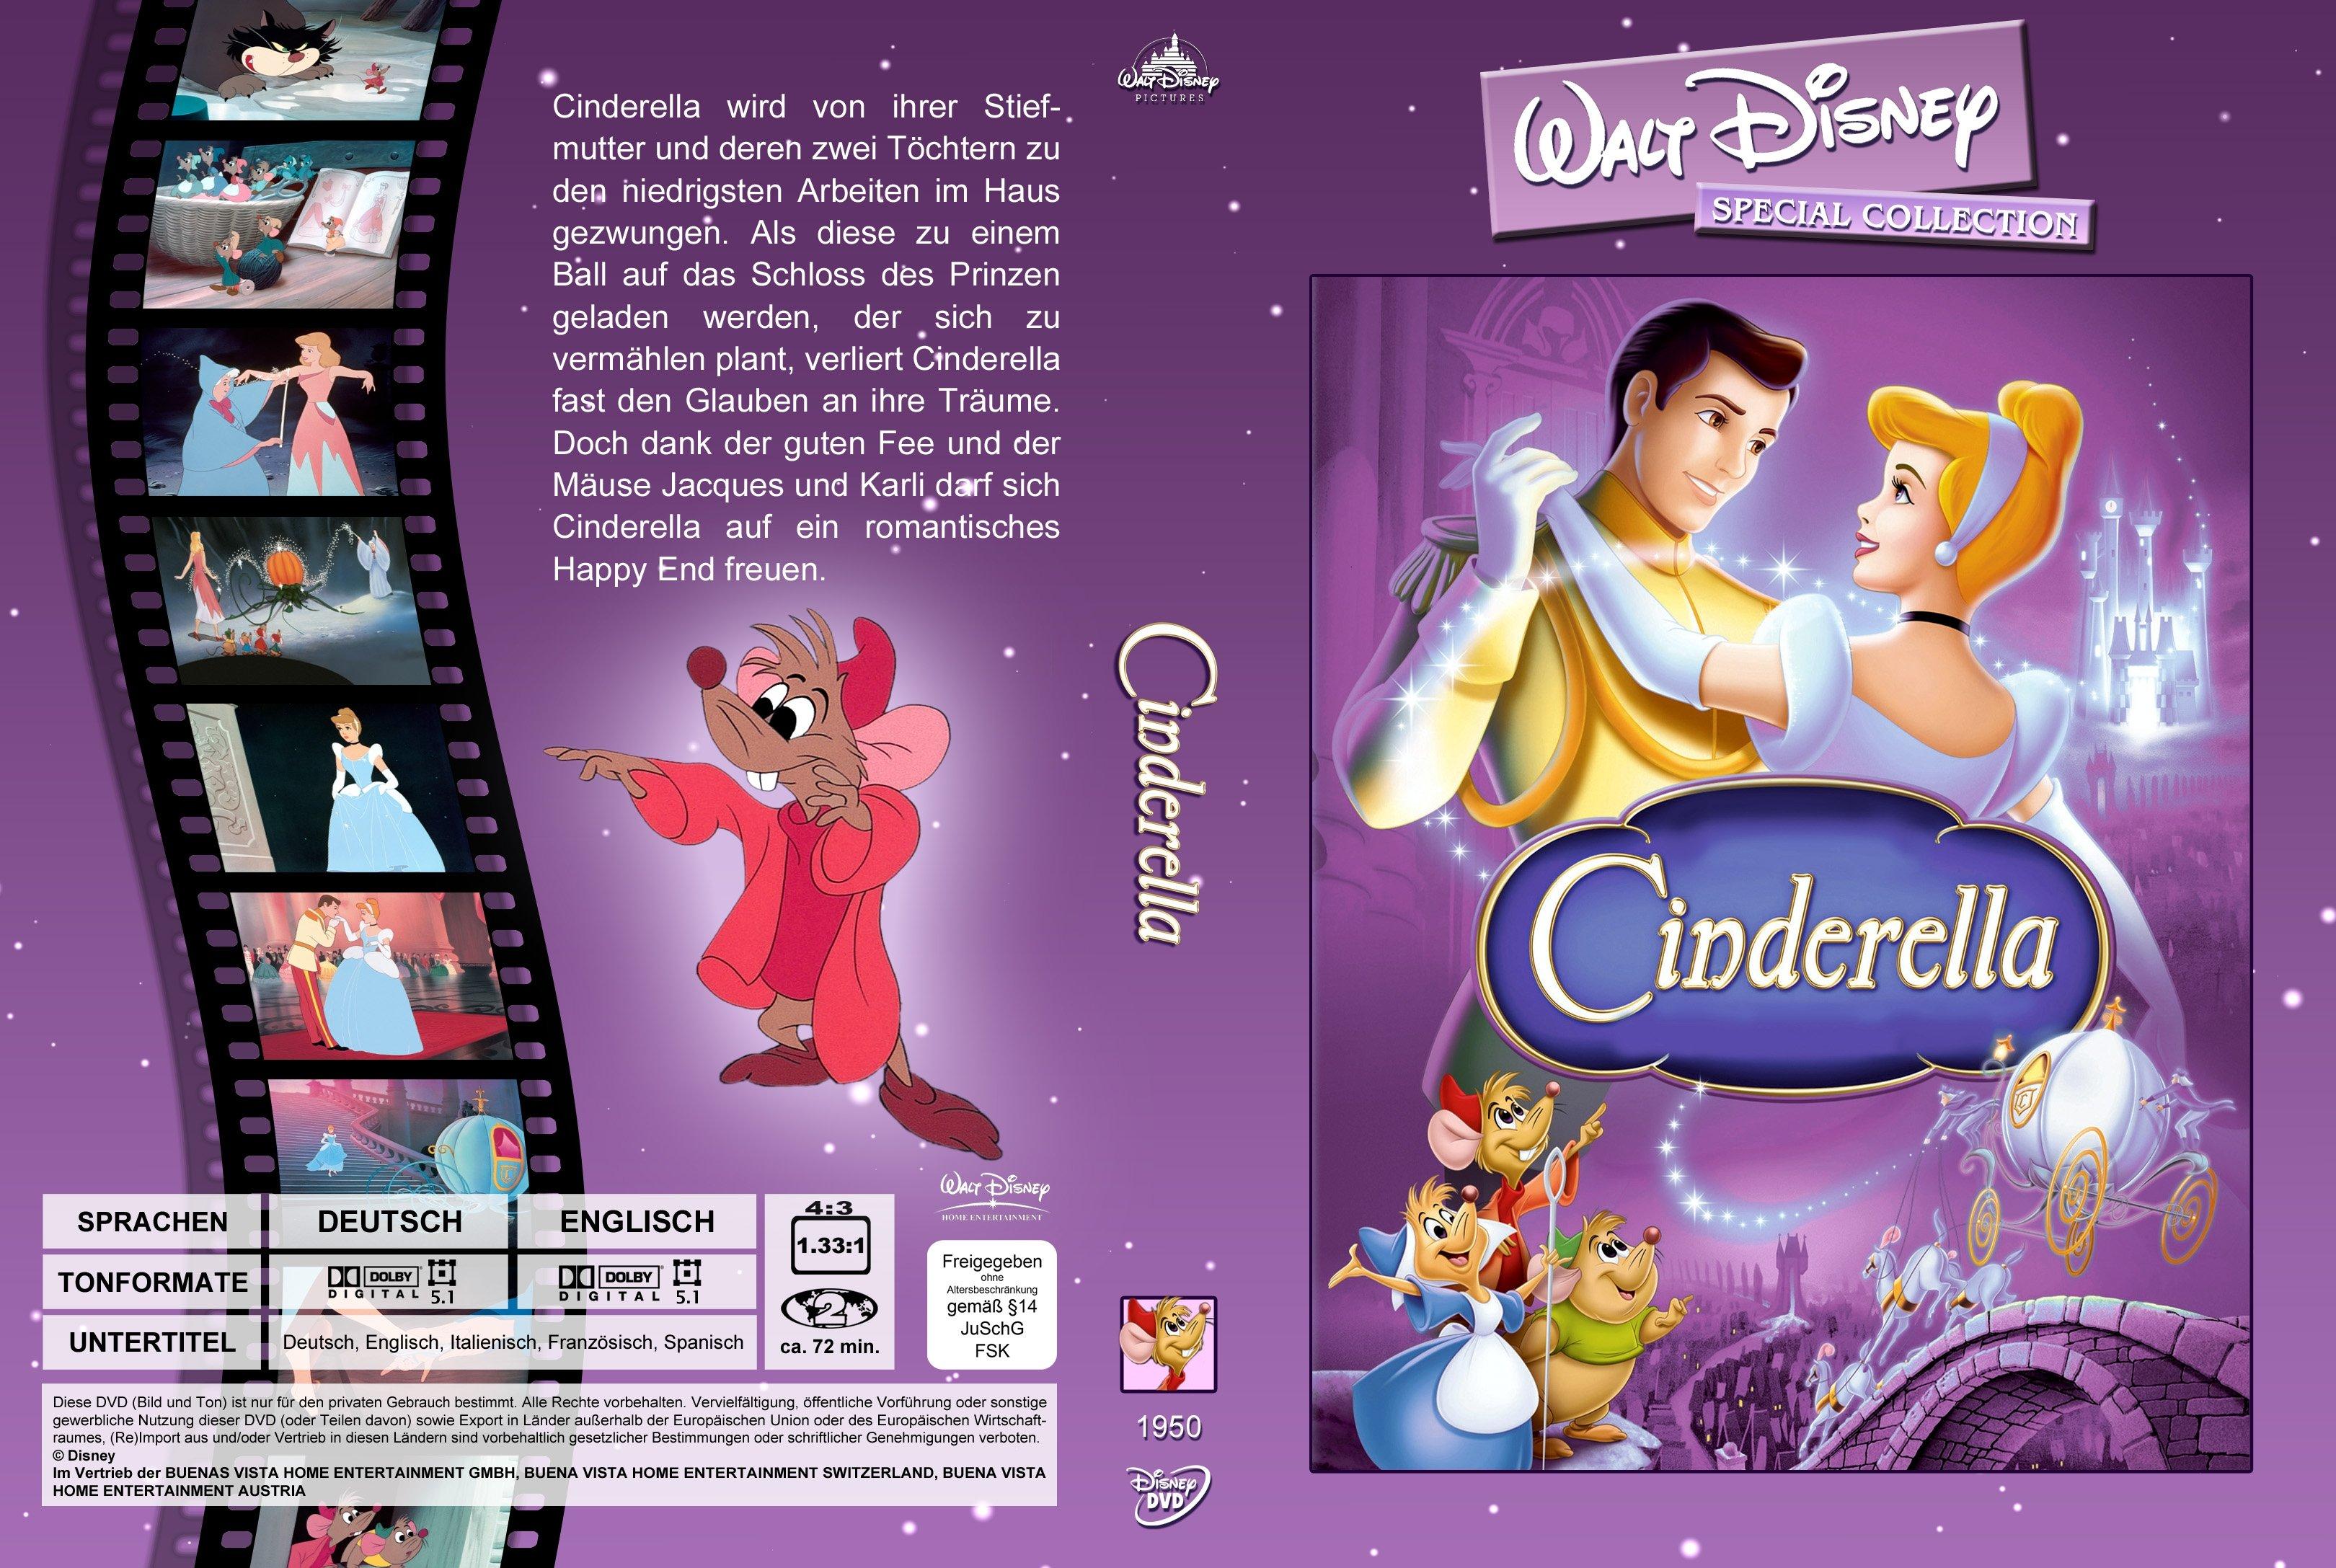 Cinderella Disney Special Platinum Edition Movie HD free download 720p